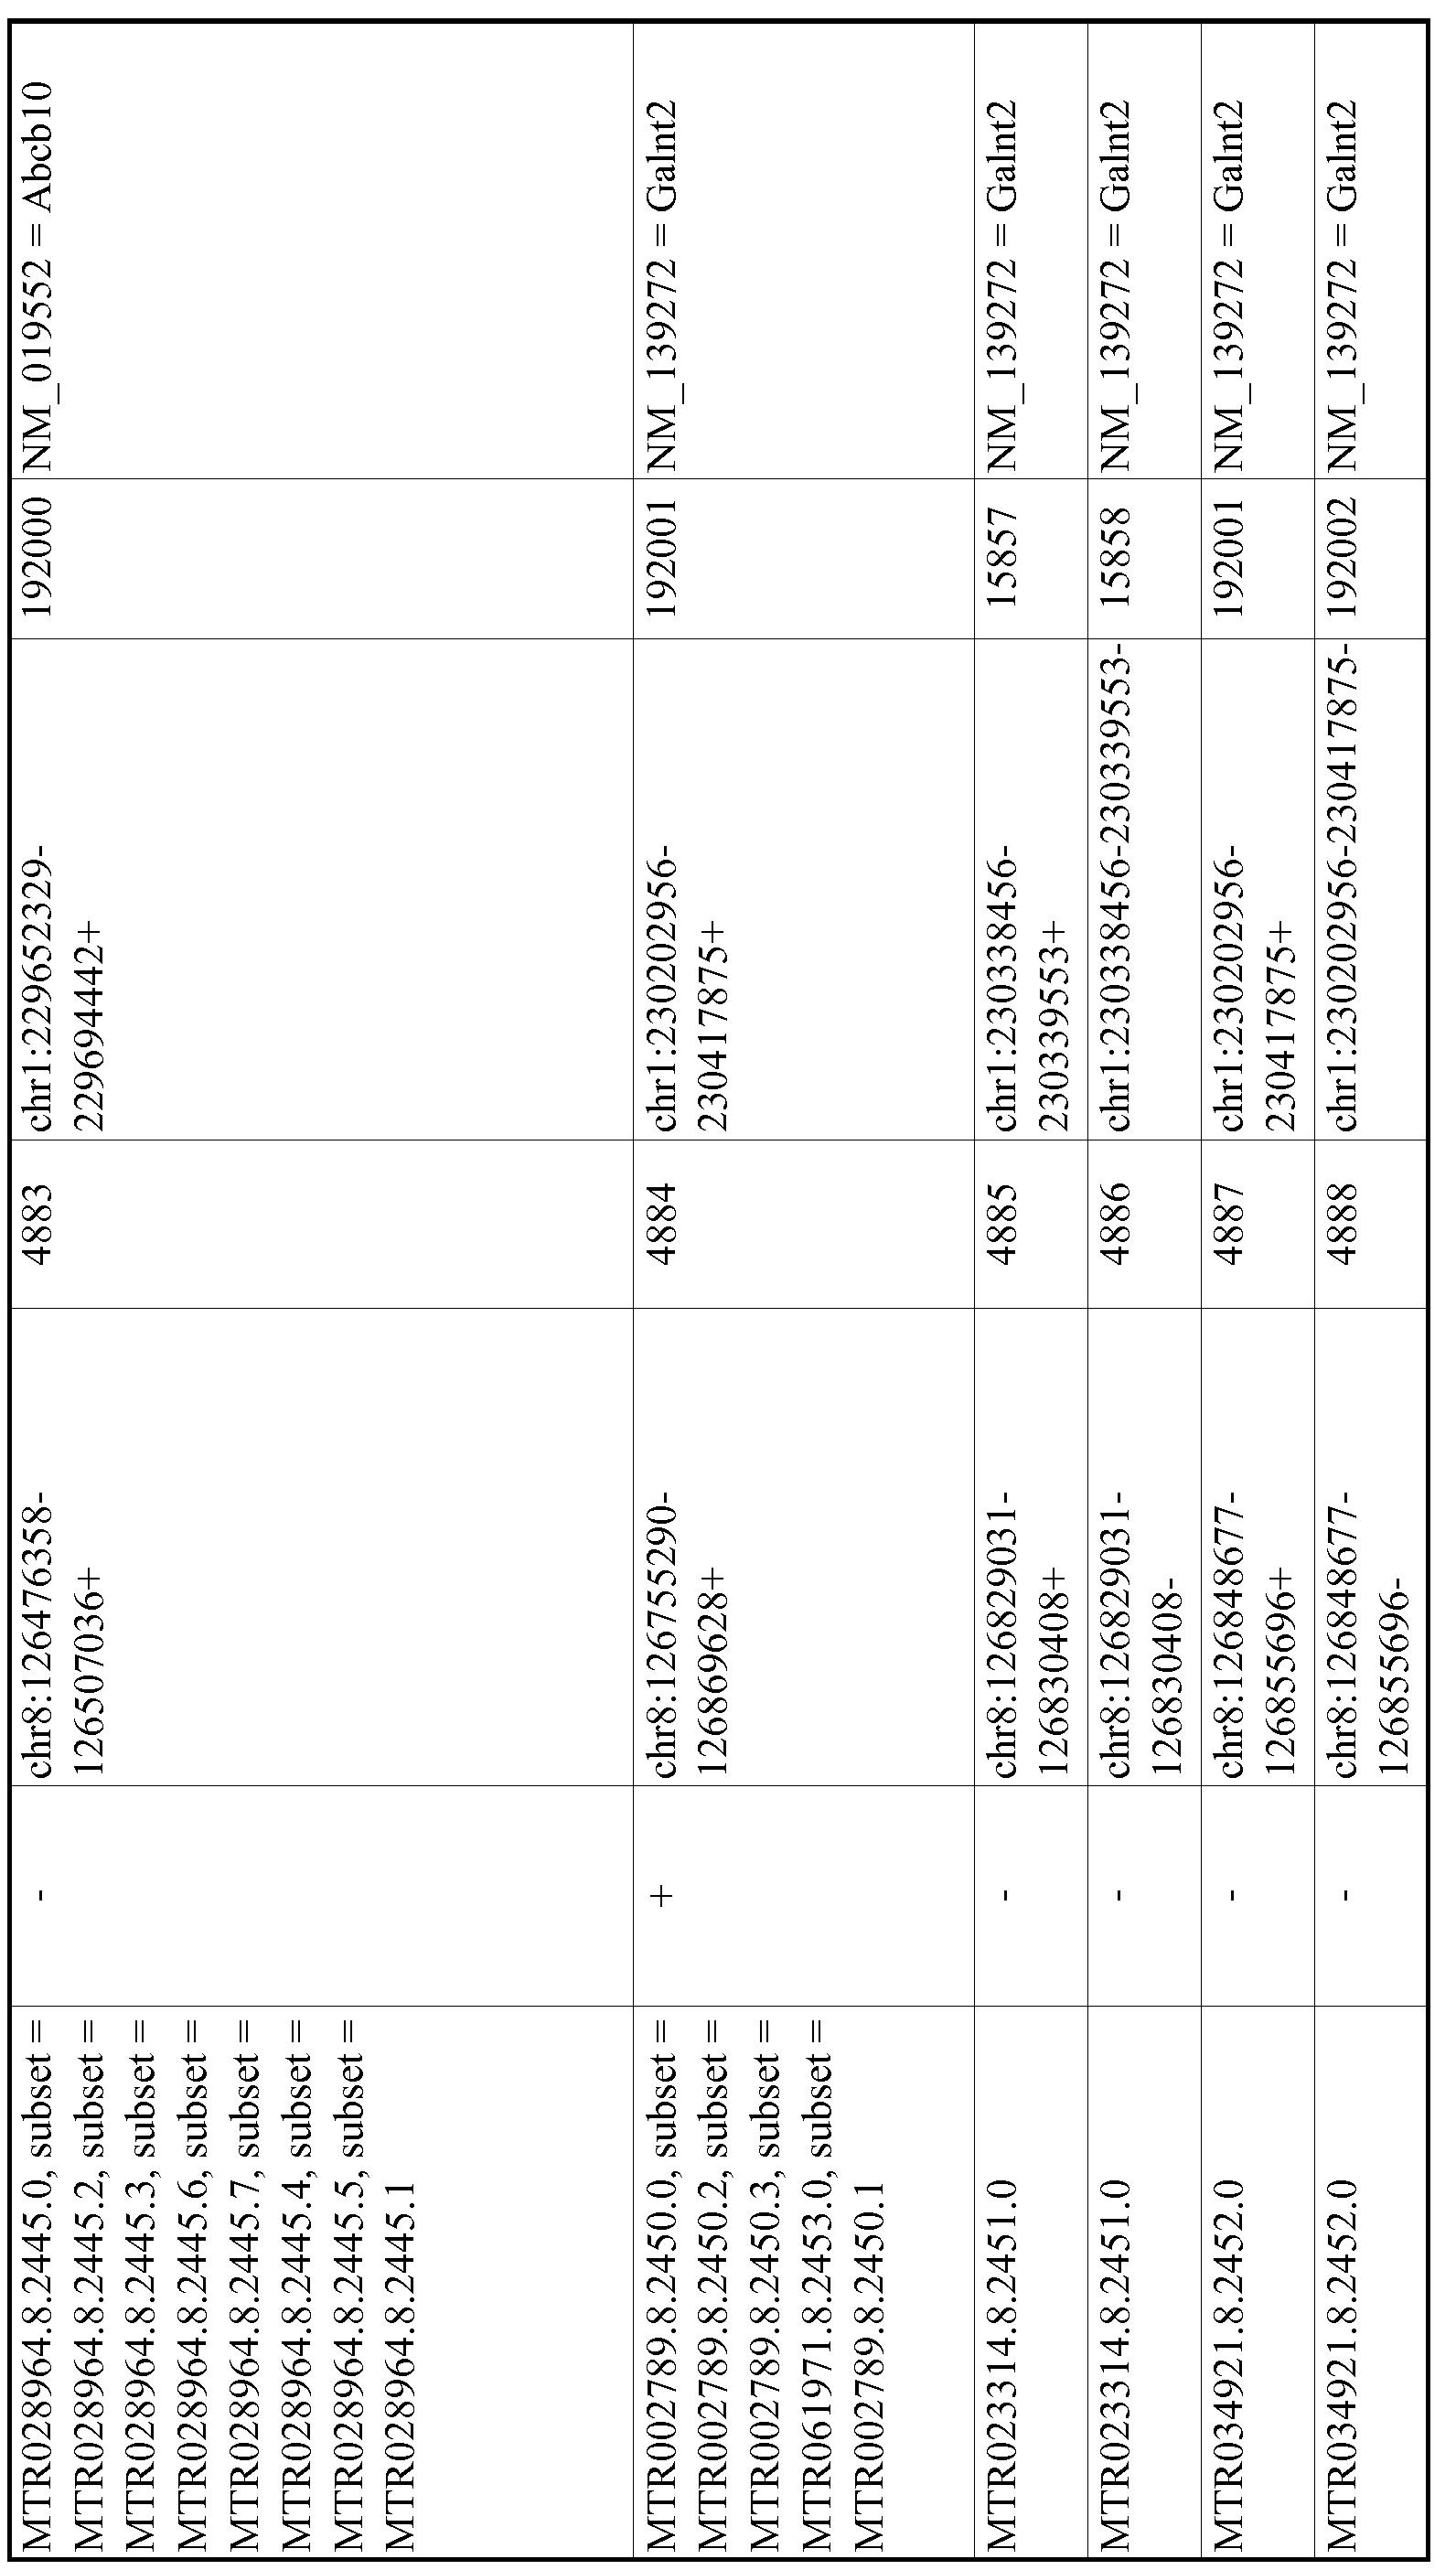 Figure imgf000902_0001